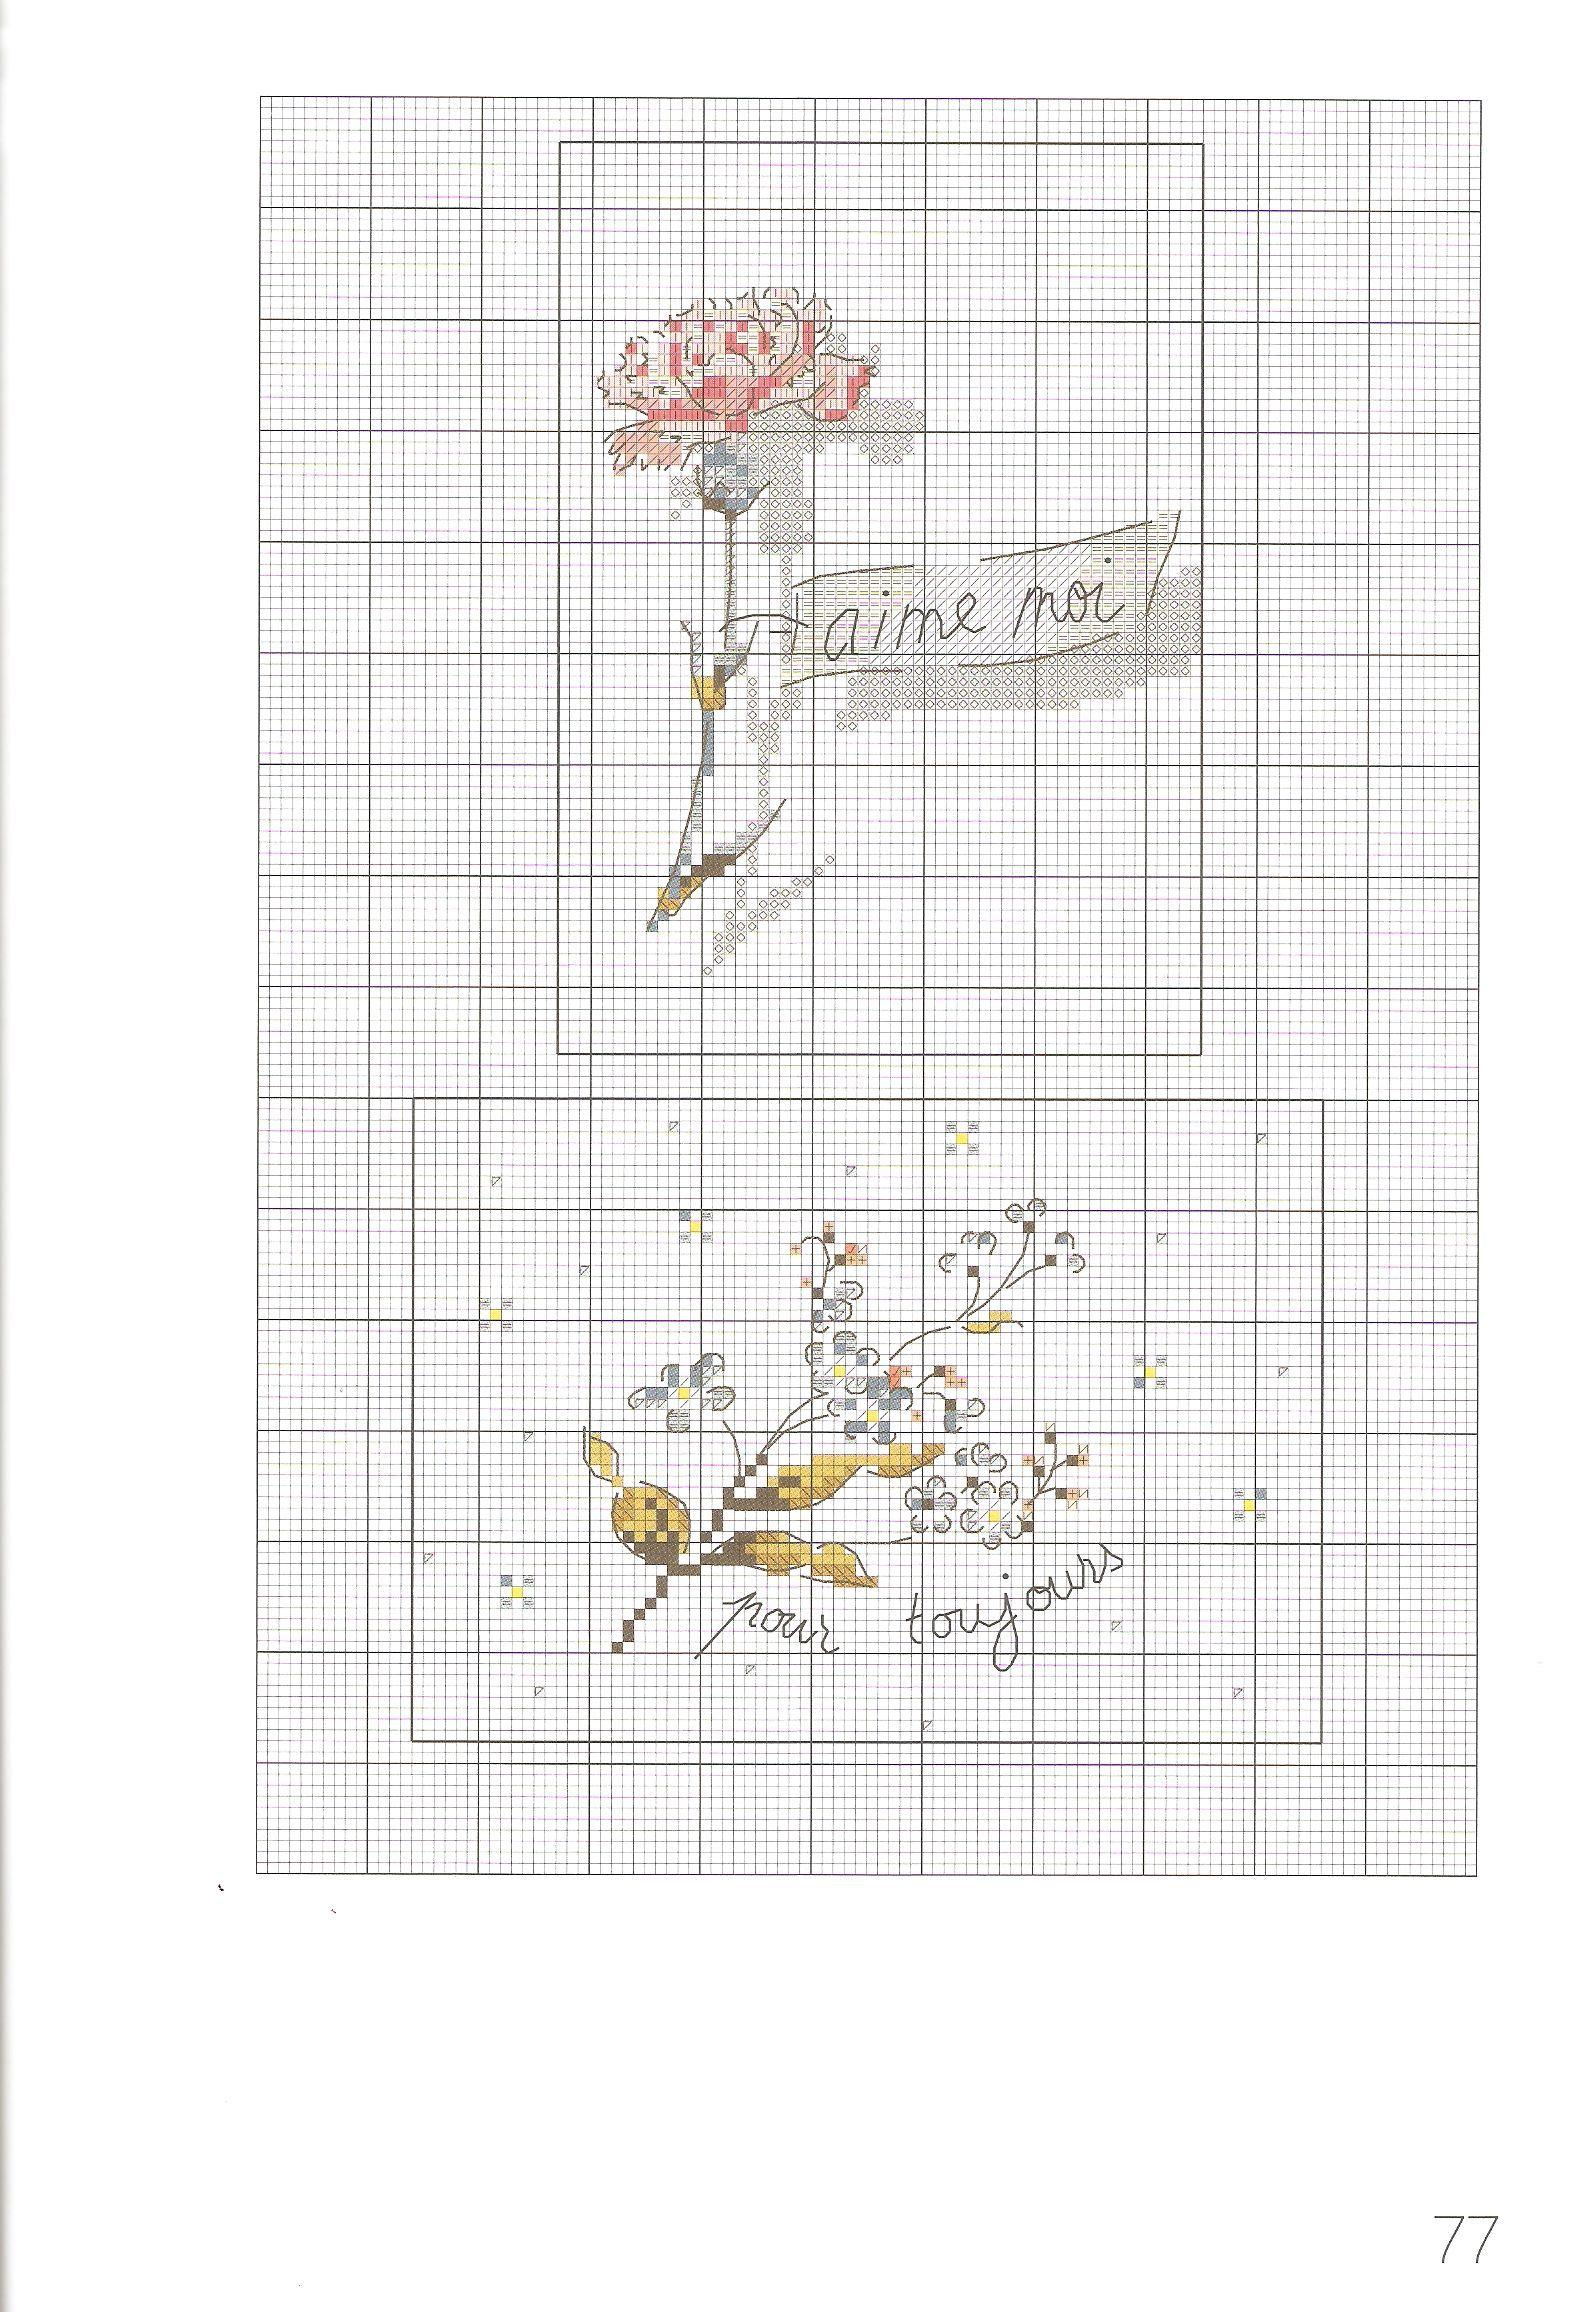 velvetstreak.gallery.ru watch?ph=bP8b-gx2P6&subpanel=zoom&zoom=8